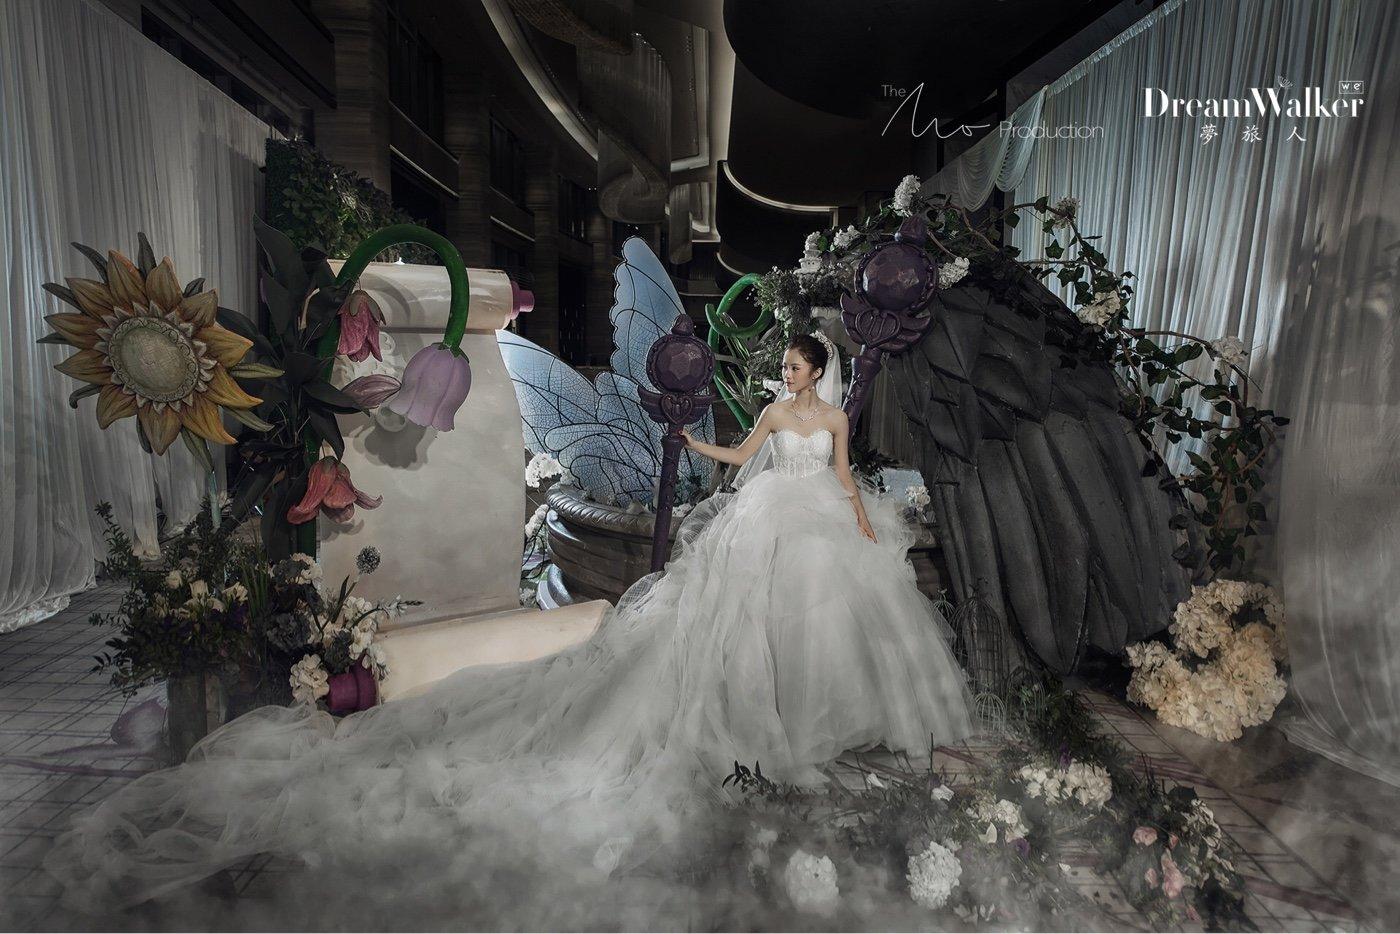 MoFoTo 婚礼作品合集47